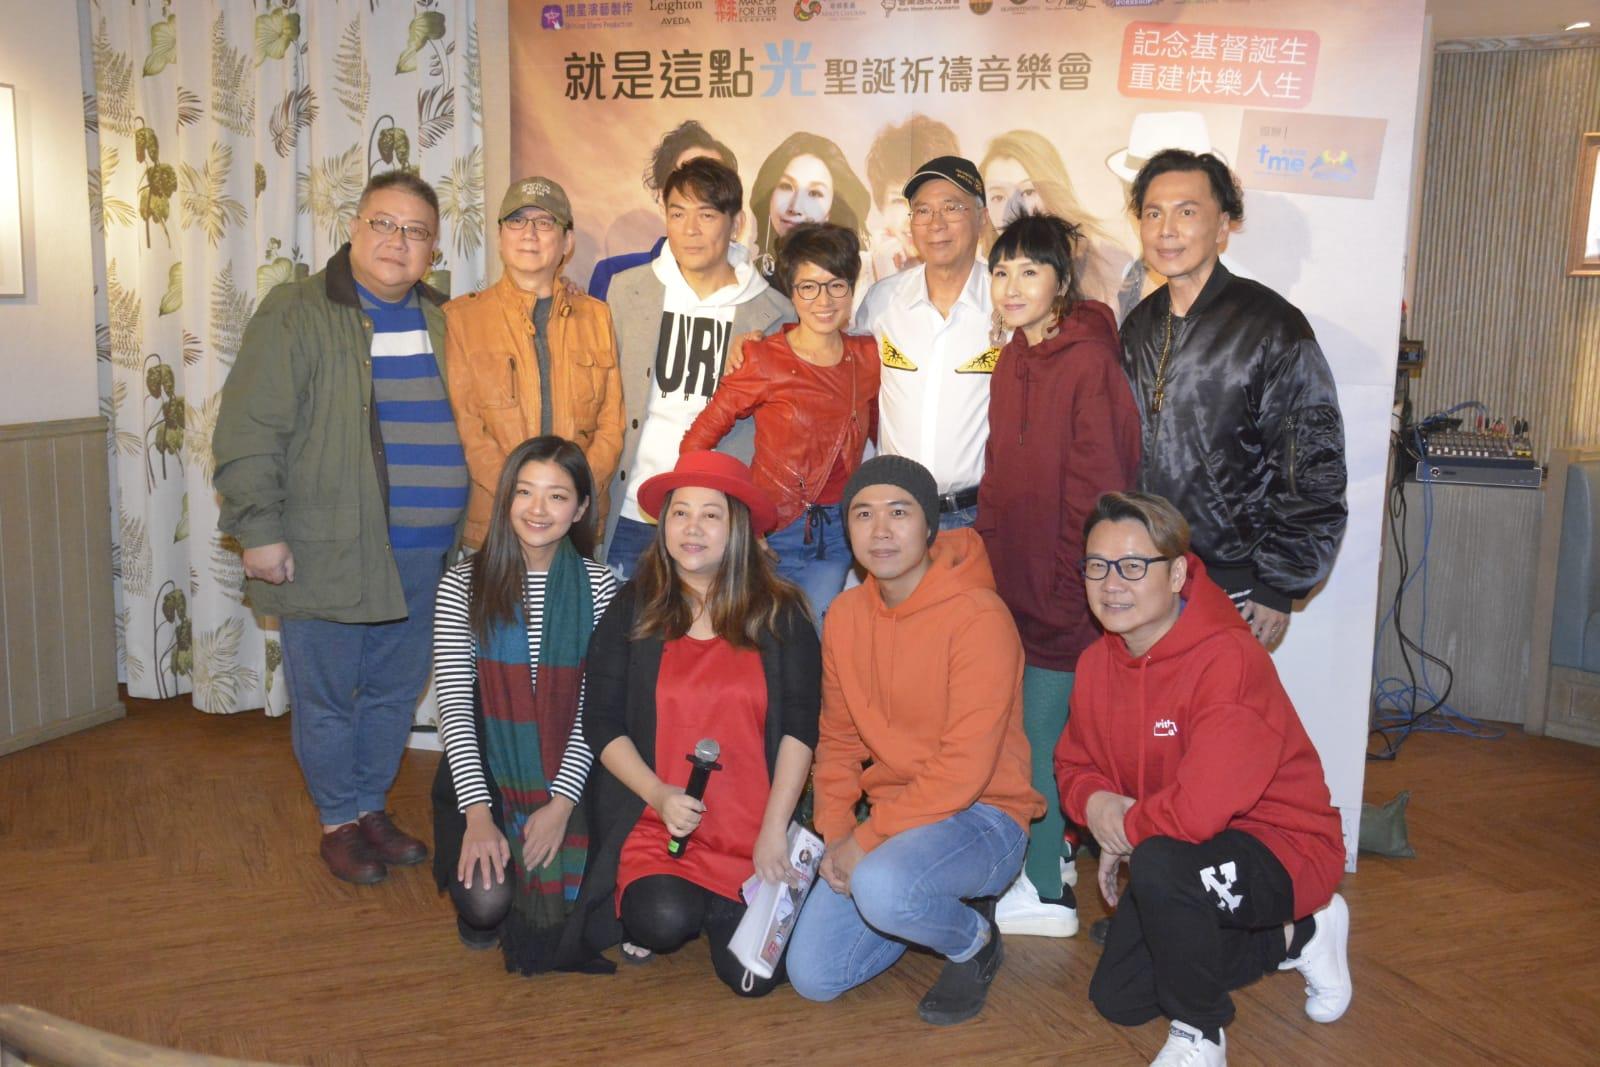 寶珮如、區偉麟及蔡立兒、李龍基、漢洋及劉錫賢等今日為20日的聖誕祈禱音樂會舉行記者會。